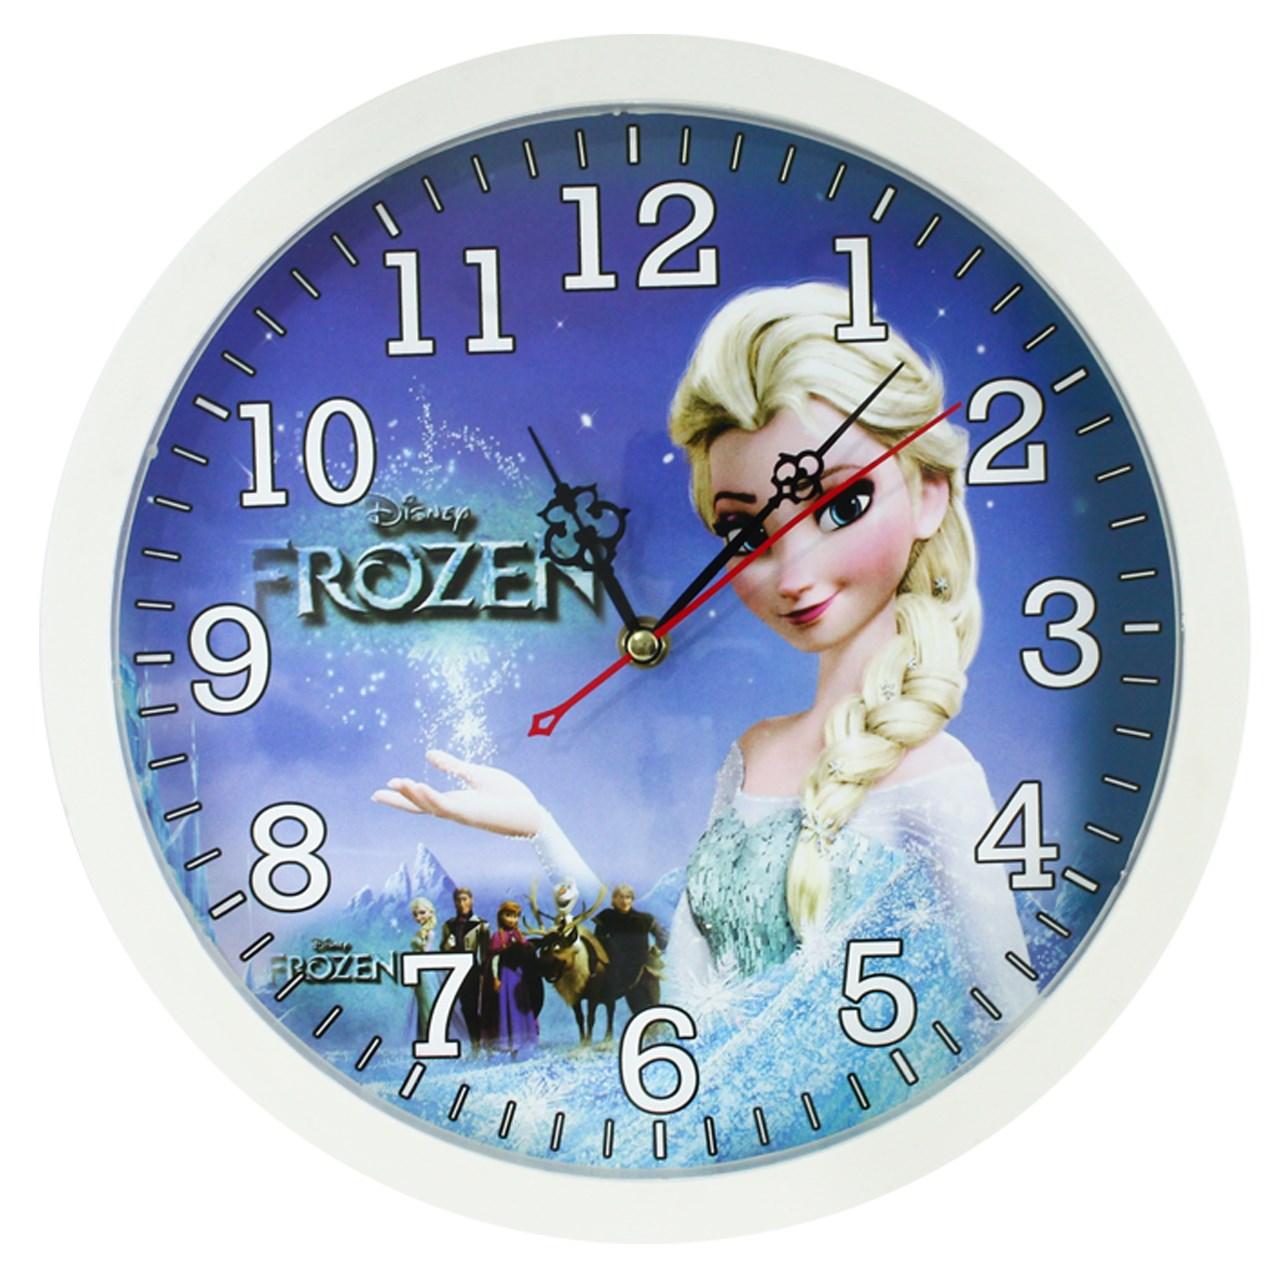 ساعت دیواری مدل Forzen کد AL-10010104 thumb